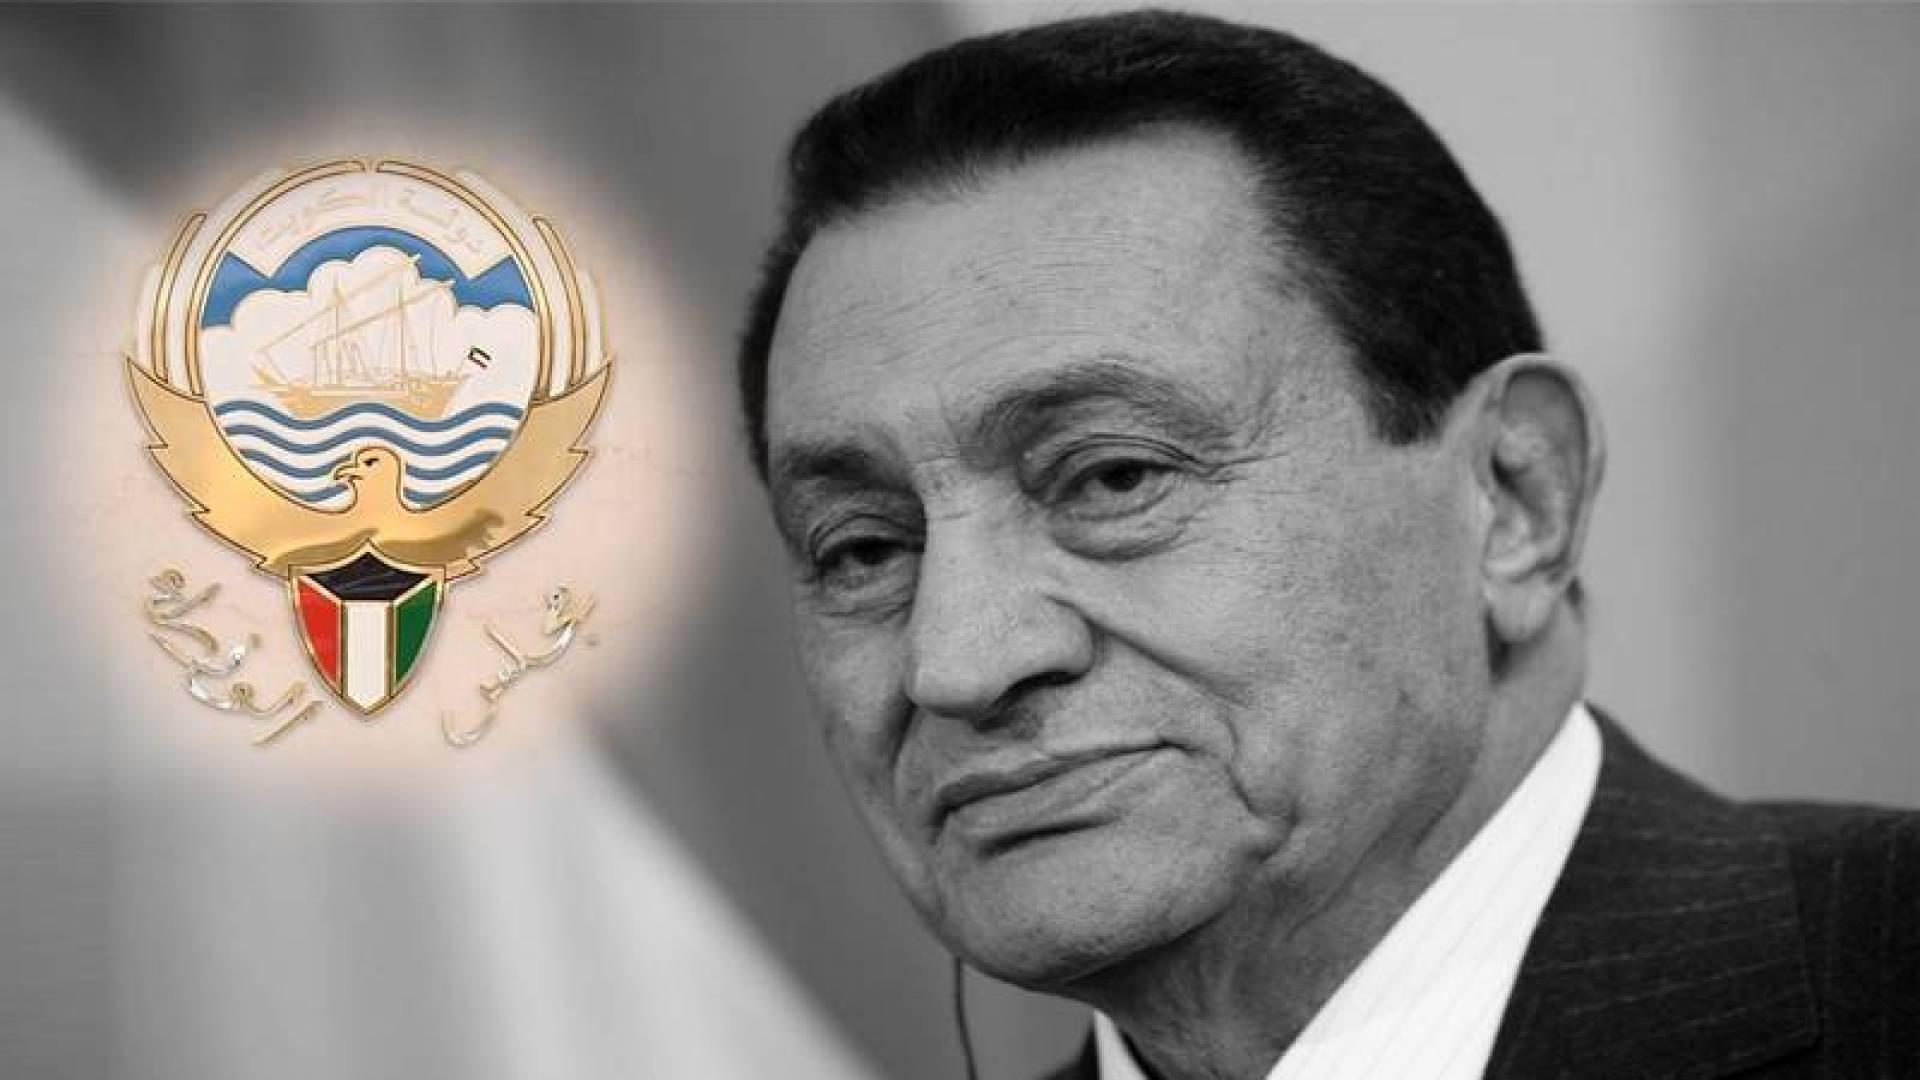 بناء على أمر سمو الأمير.. إطلاق اسم مبارك على أحد الصروح المهمة